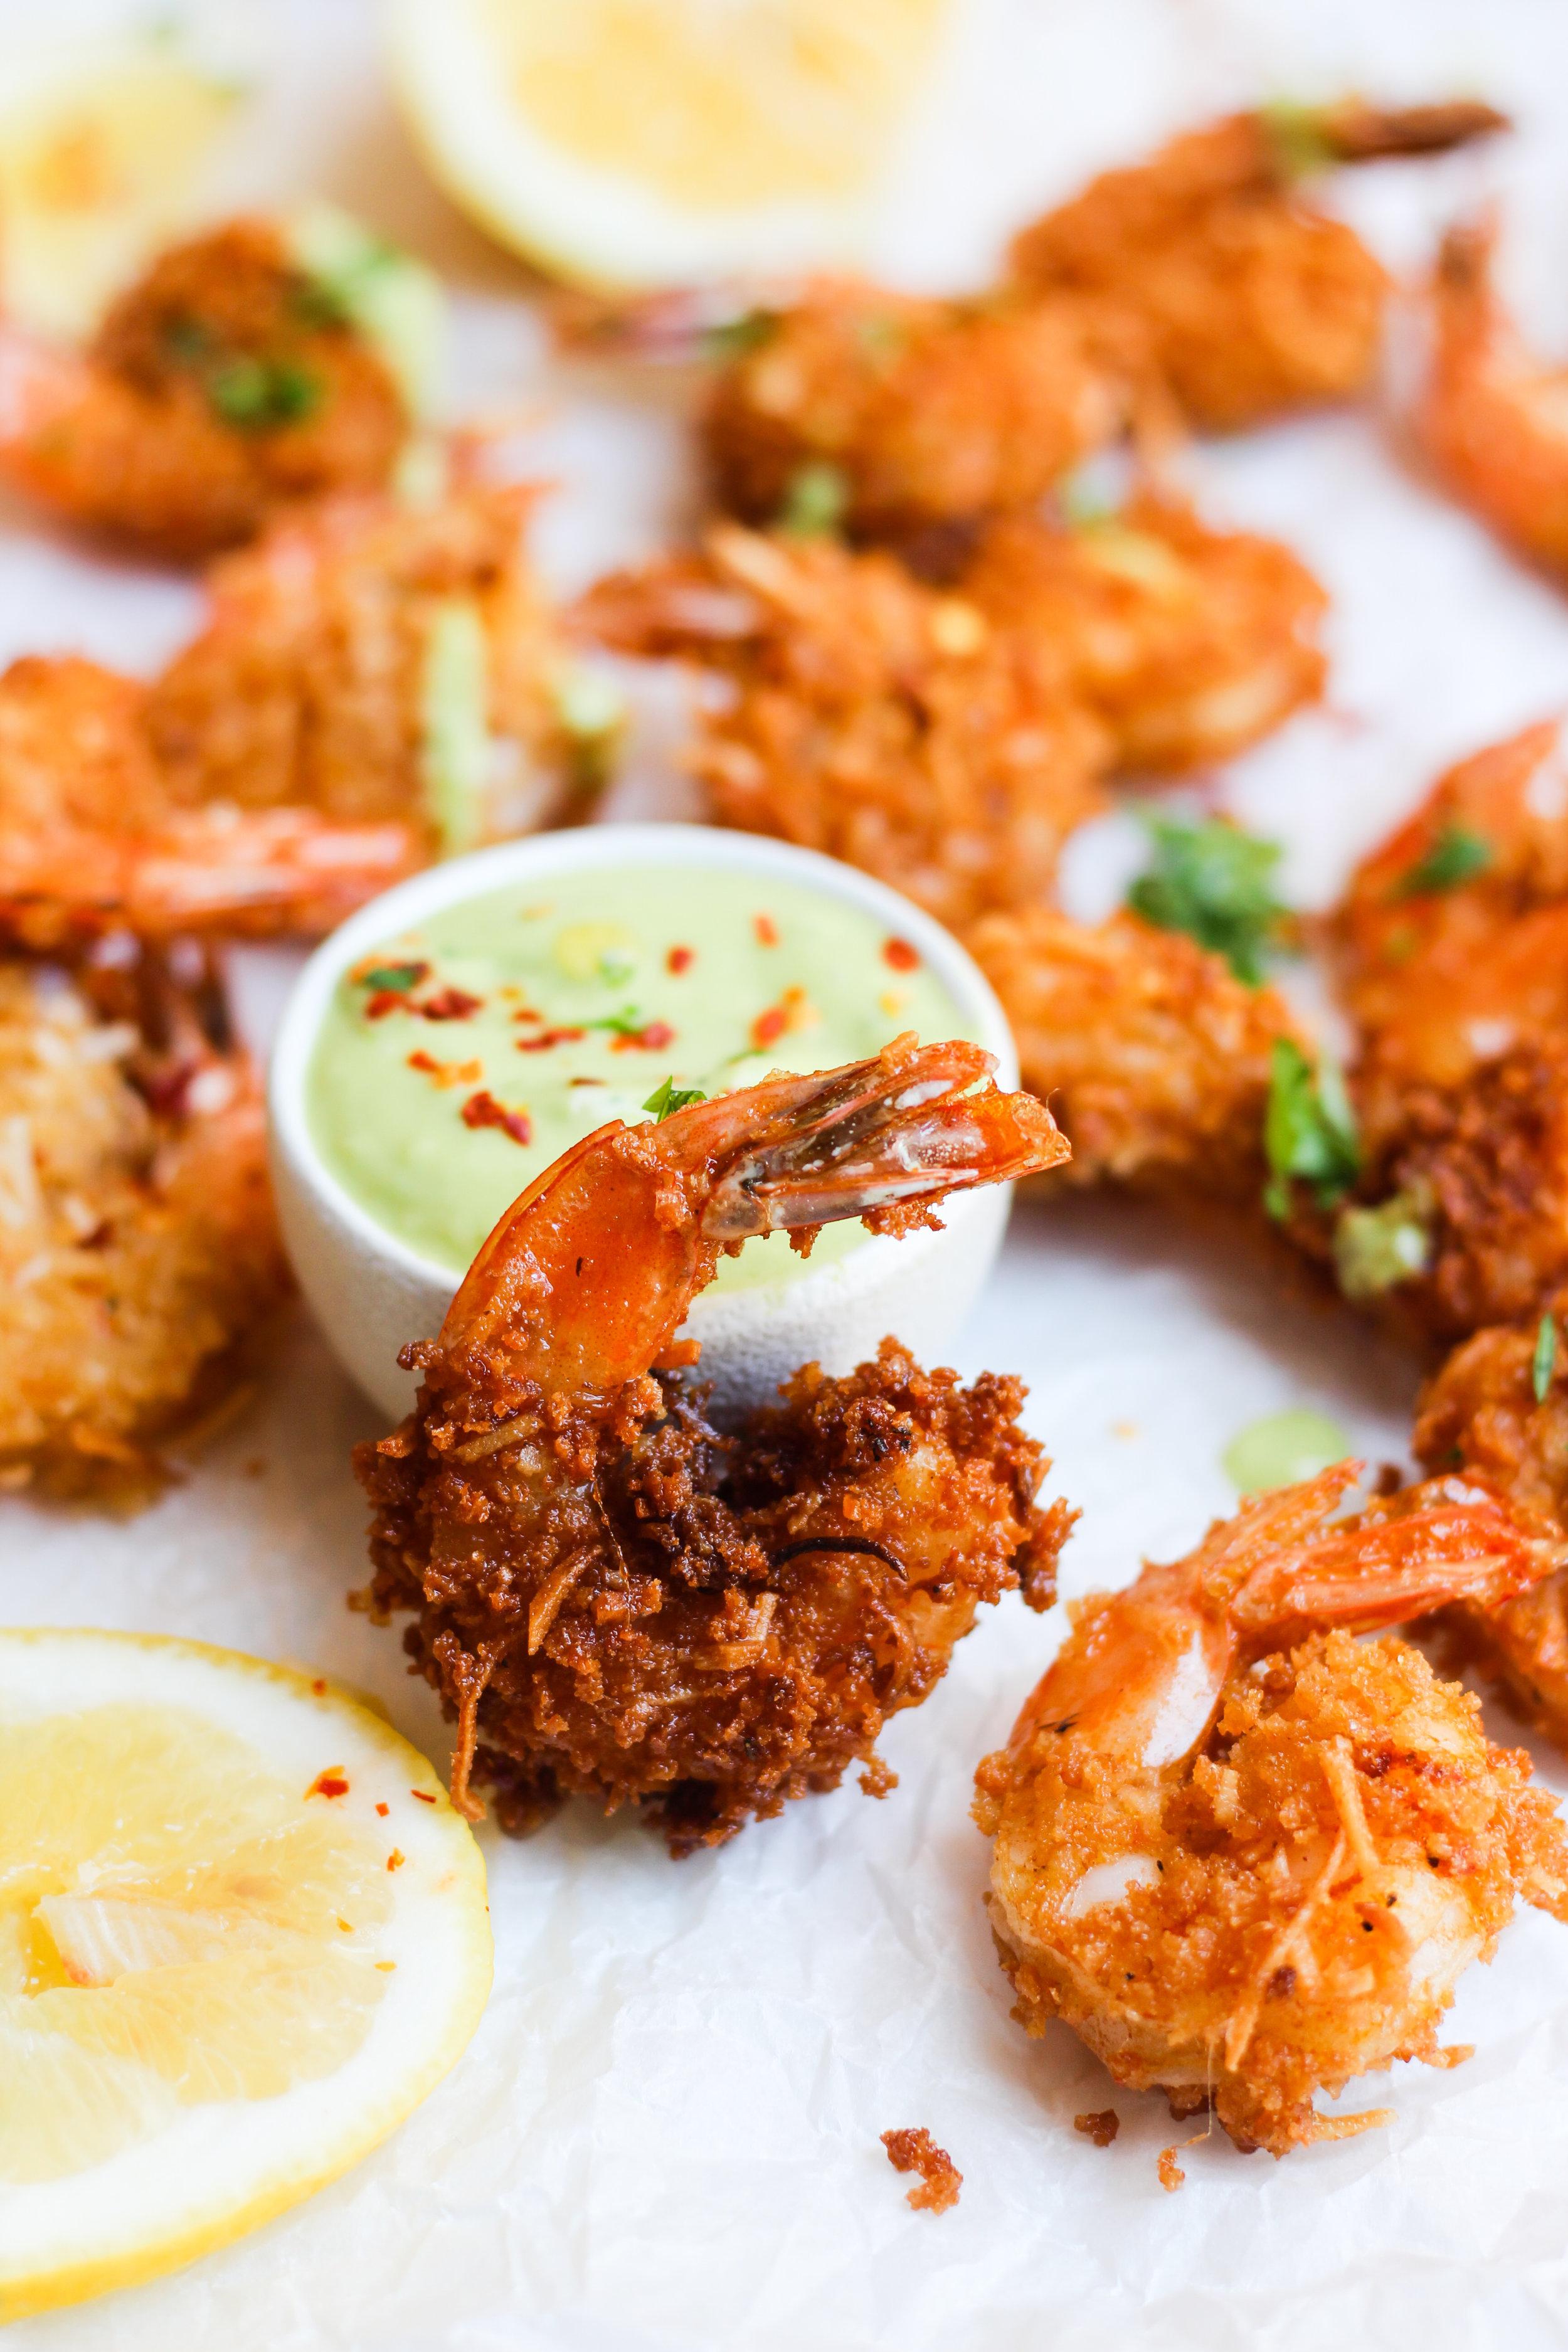 Coconut_Shrimp_Avocado_Hot_Sauce-18.jpg